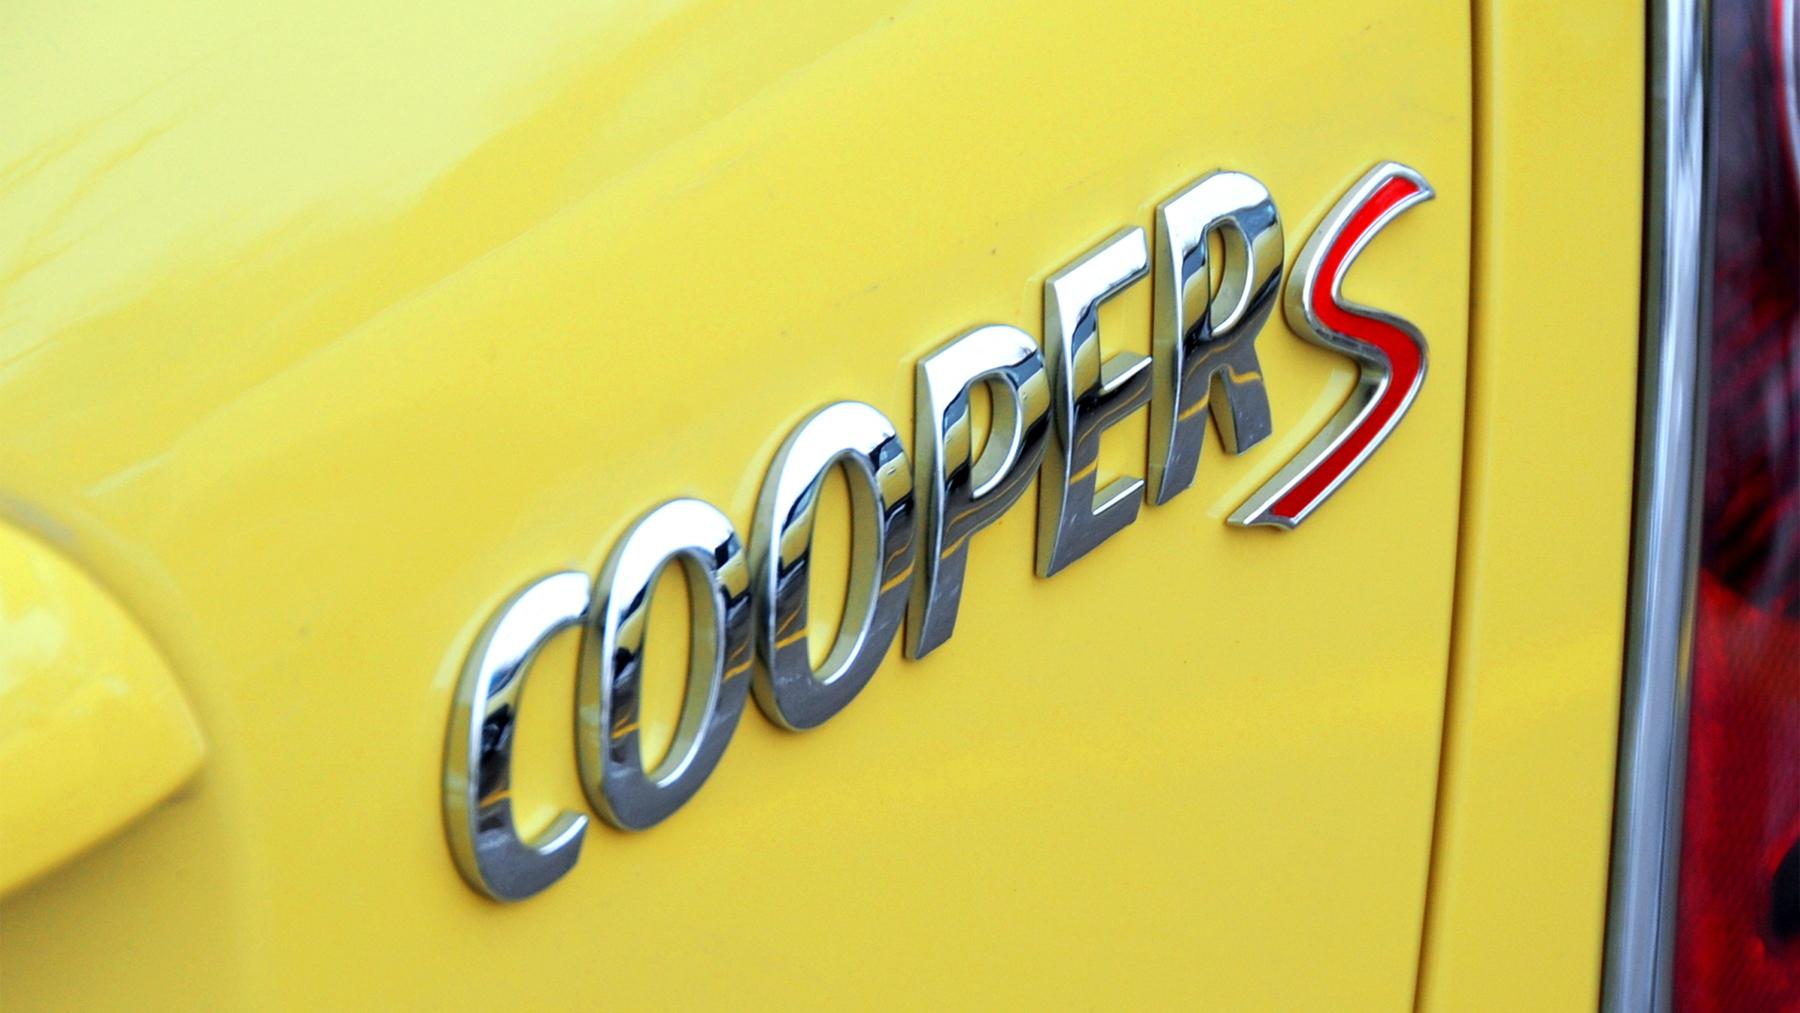 2010 mini cooper s cabrio 006